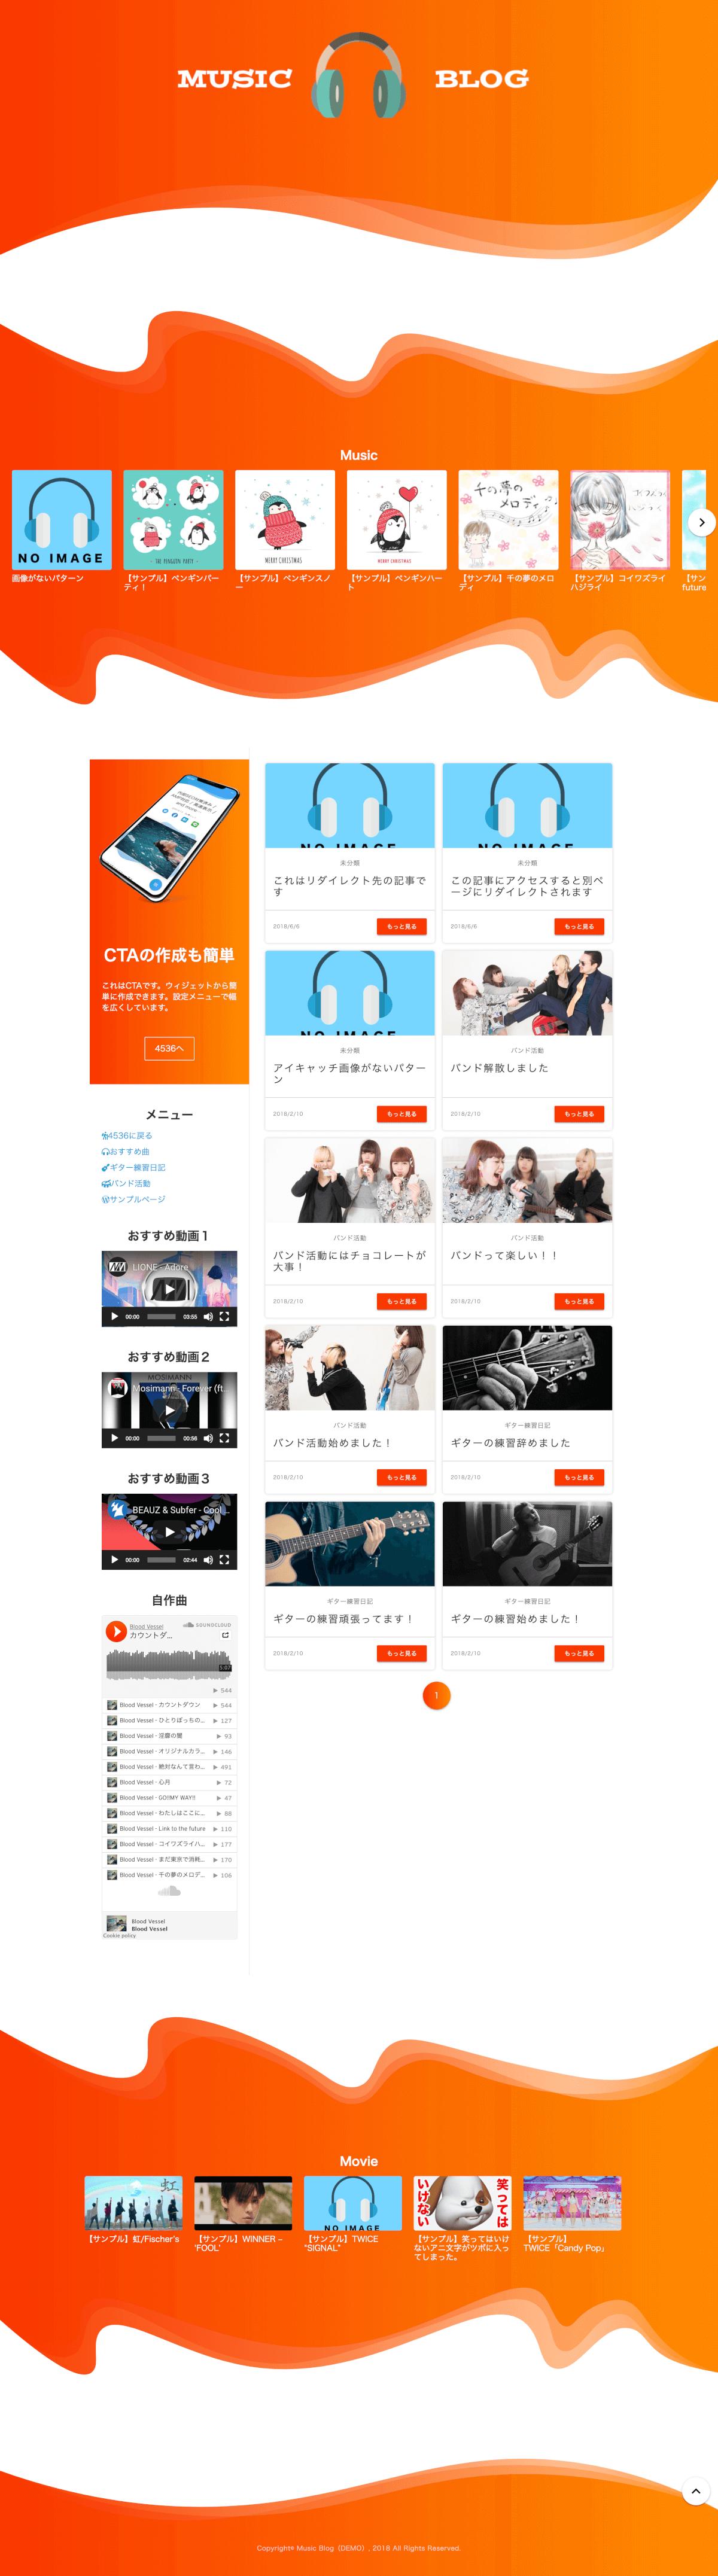 デモサイトの画面